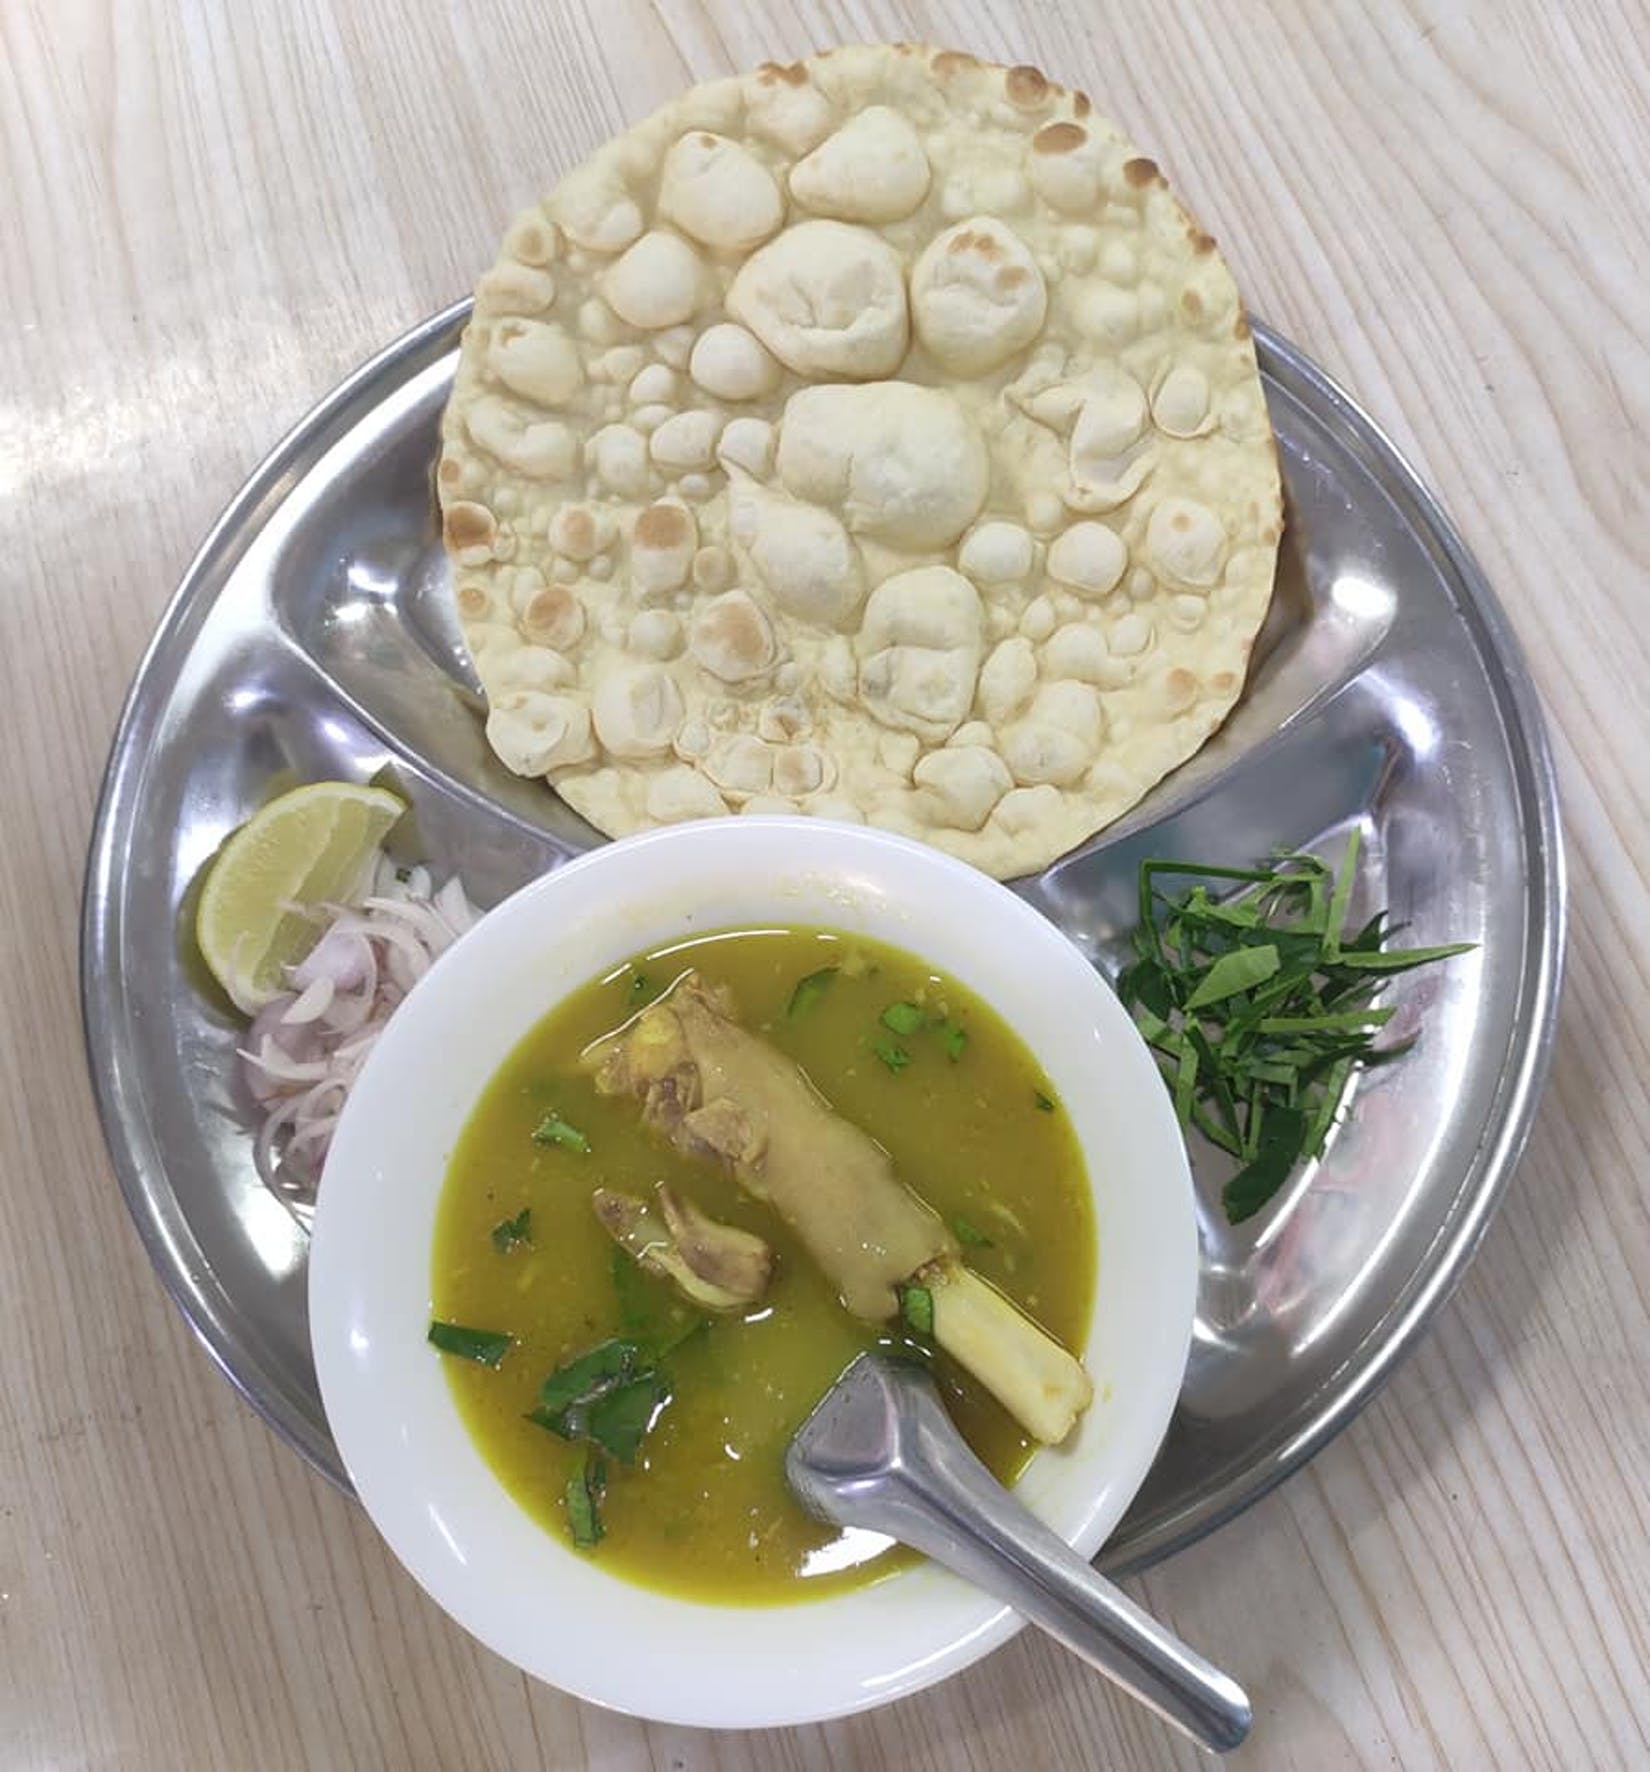 Aung Kaung San Tea House(ေအာင္ေကာင္းစံ အဆင့္ျမင့္ လက္ဖက္ရည္ဆိုင္) | yathar